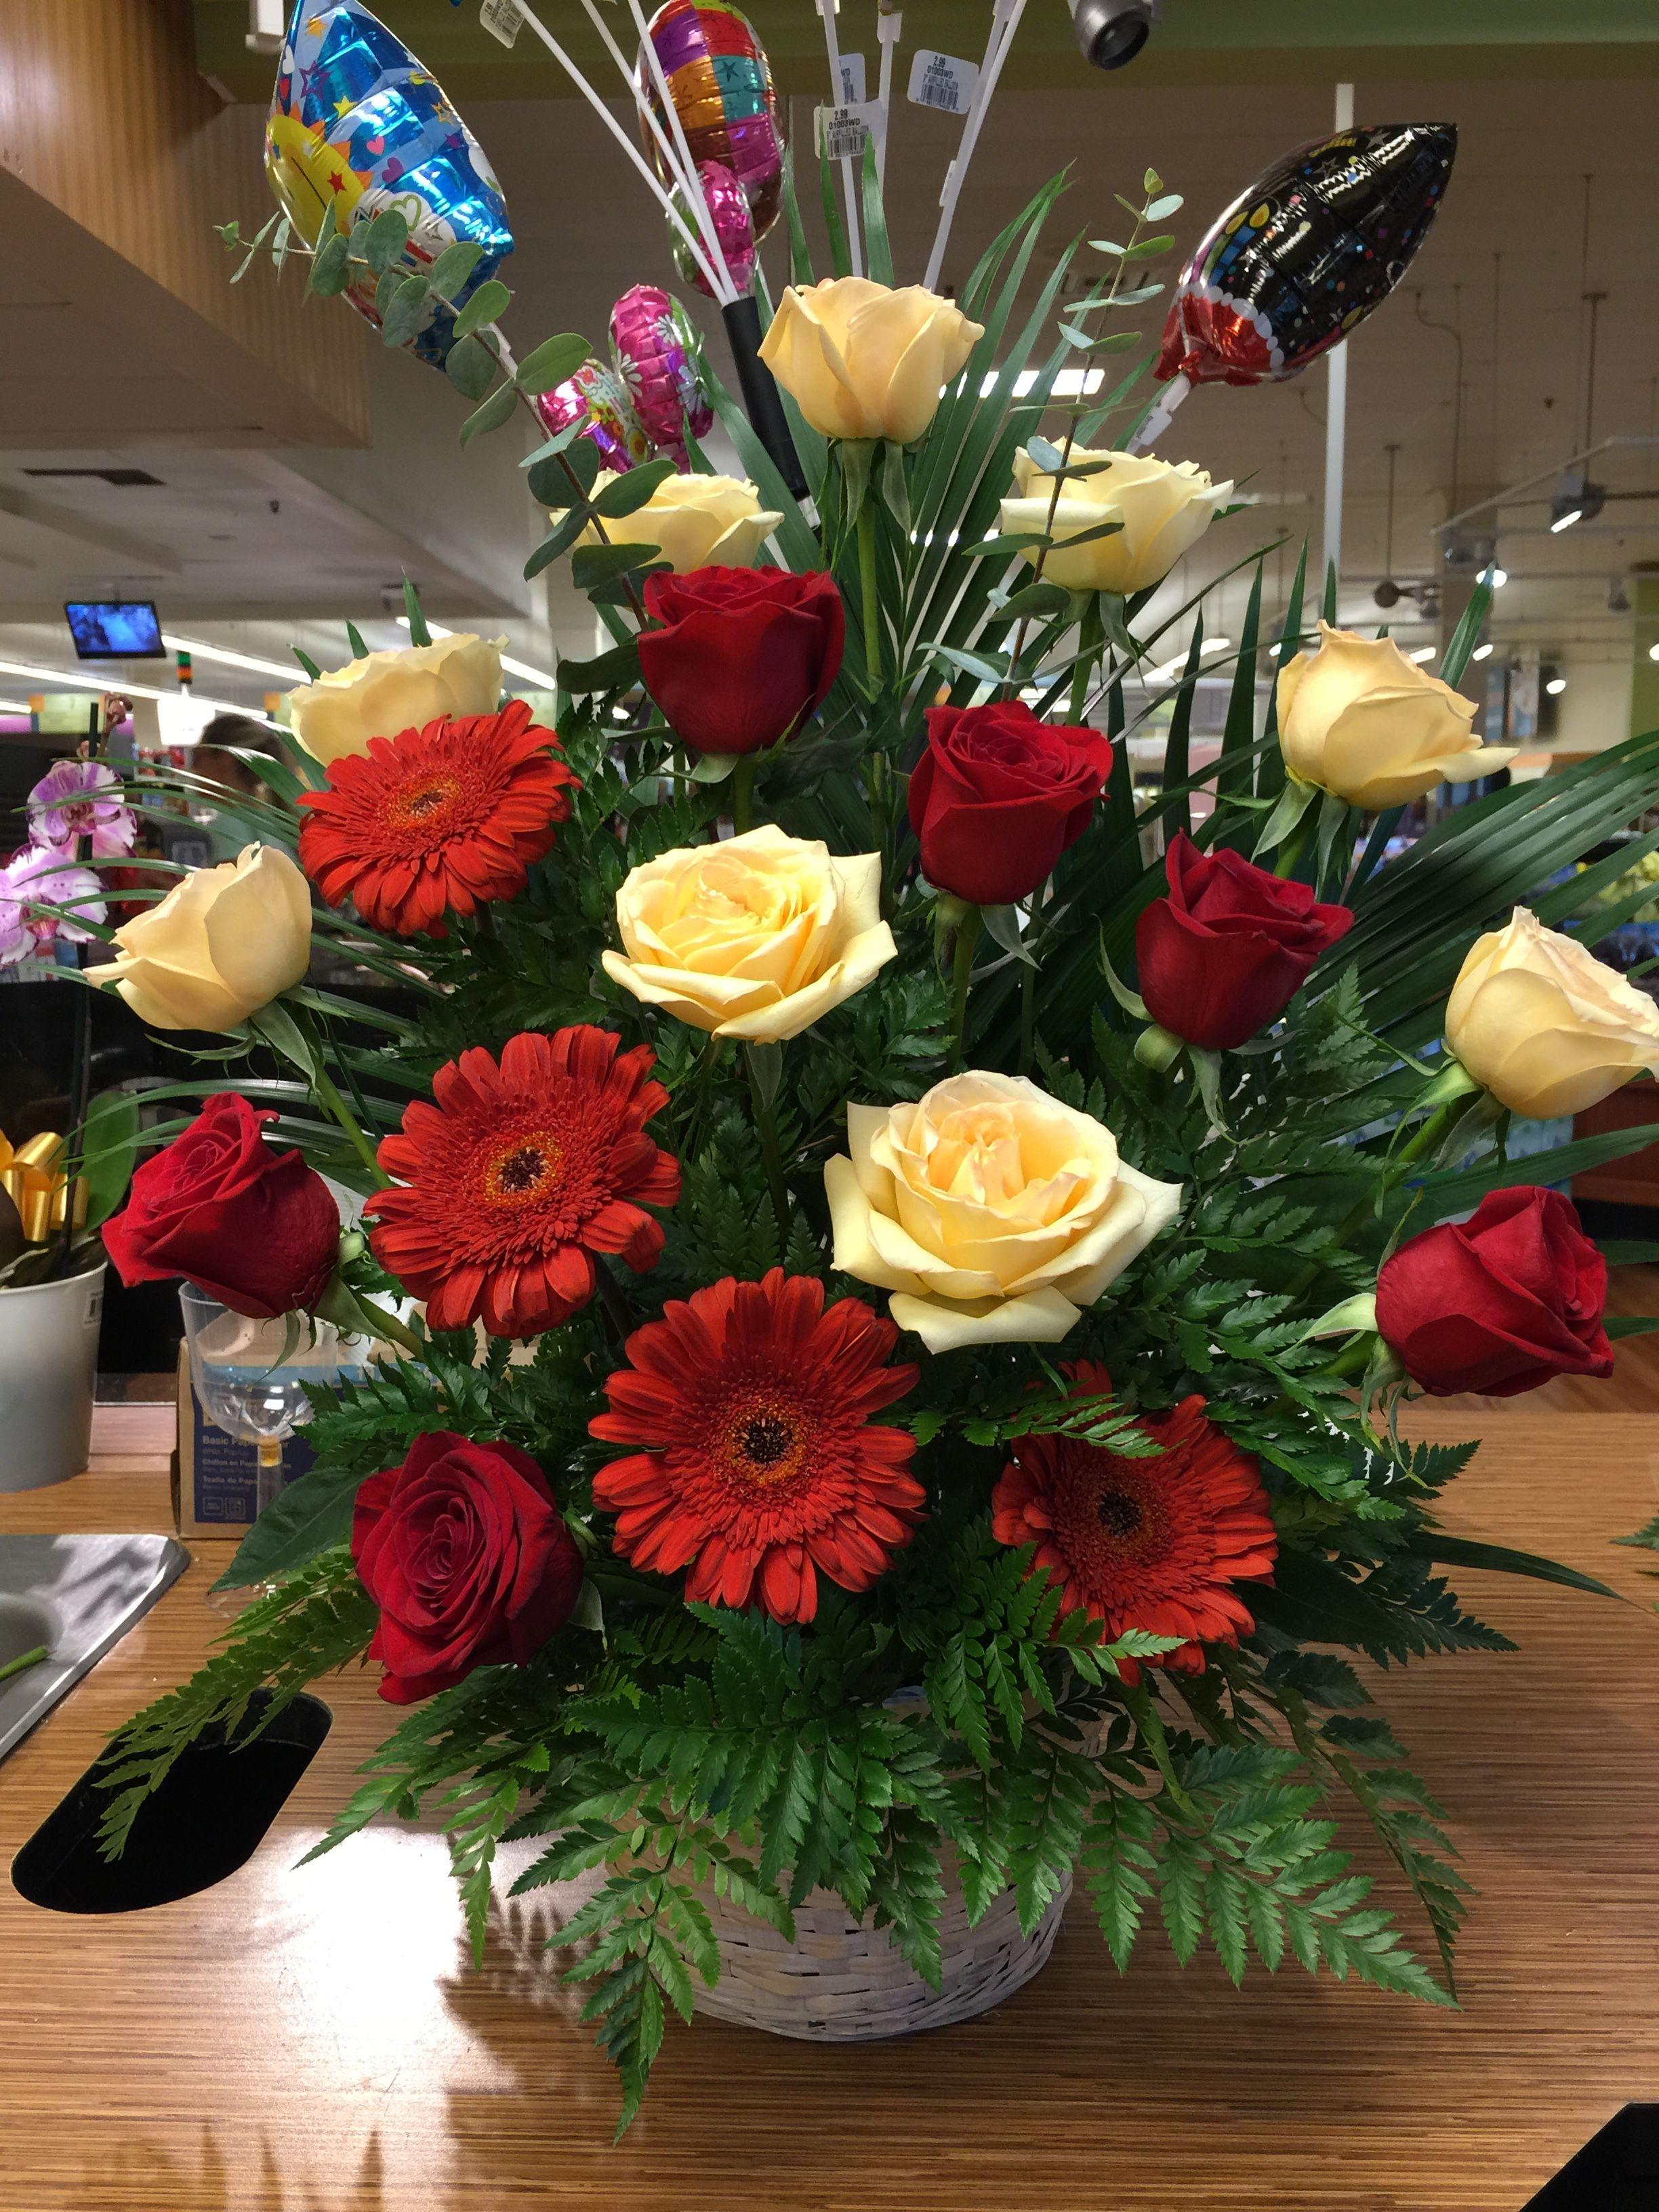 Por Que Eres La Mujer De Mi Vida La Mas Importante Y Esta Es Una De Las Man Arreglos Florales Tropicales Bellos Arreglos Florales Arreglos Florales Sencillos